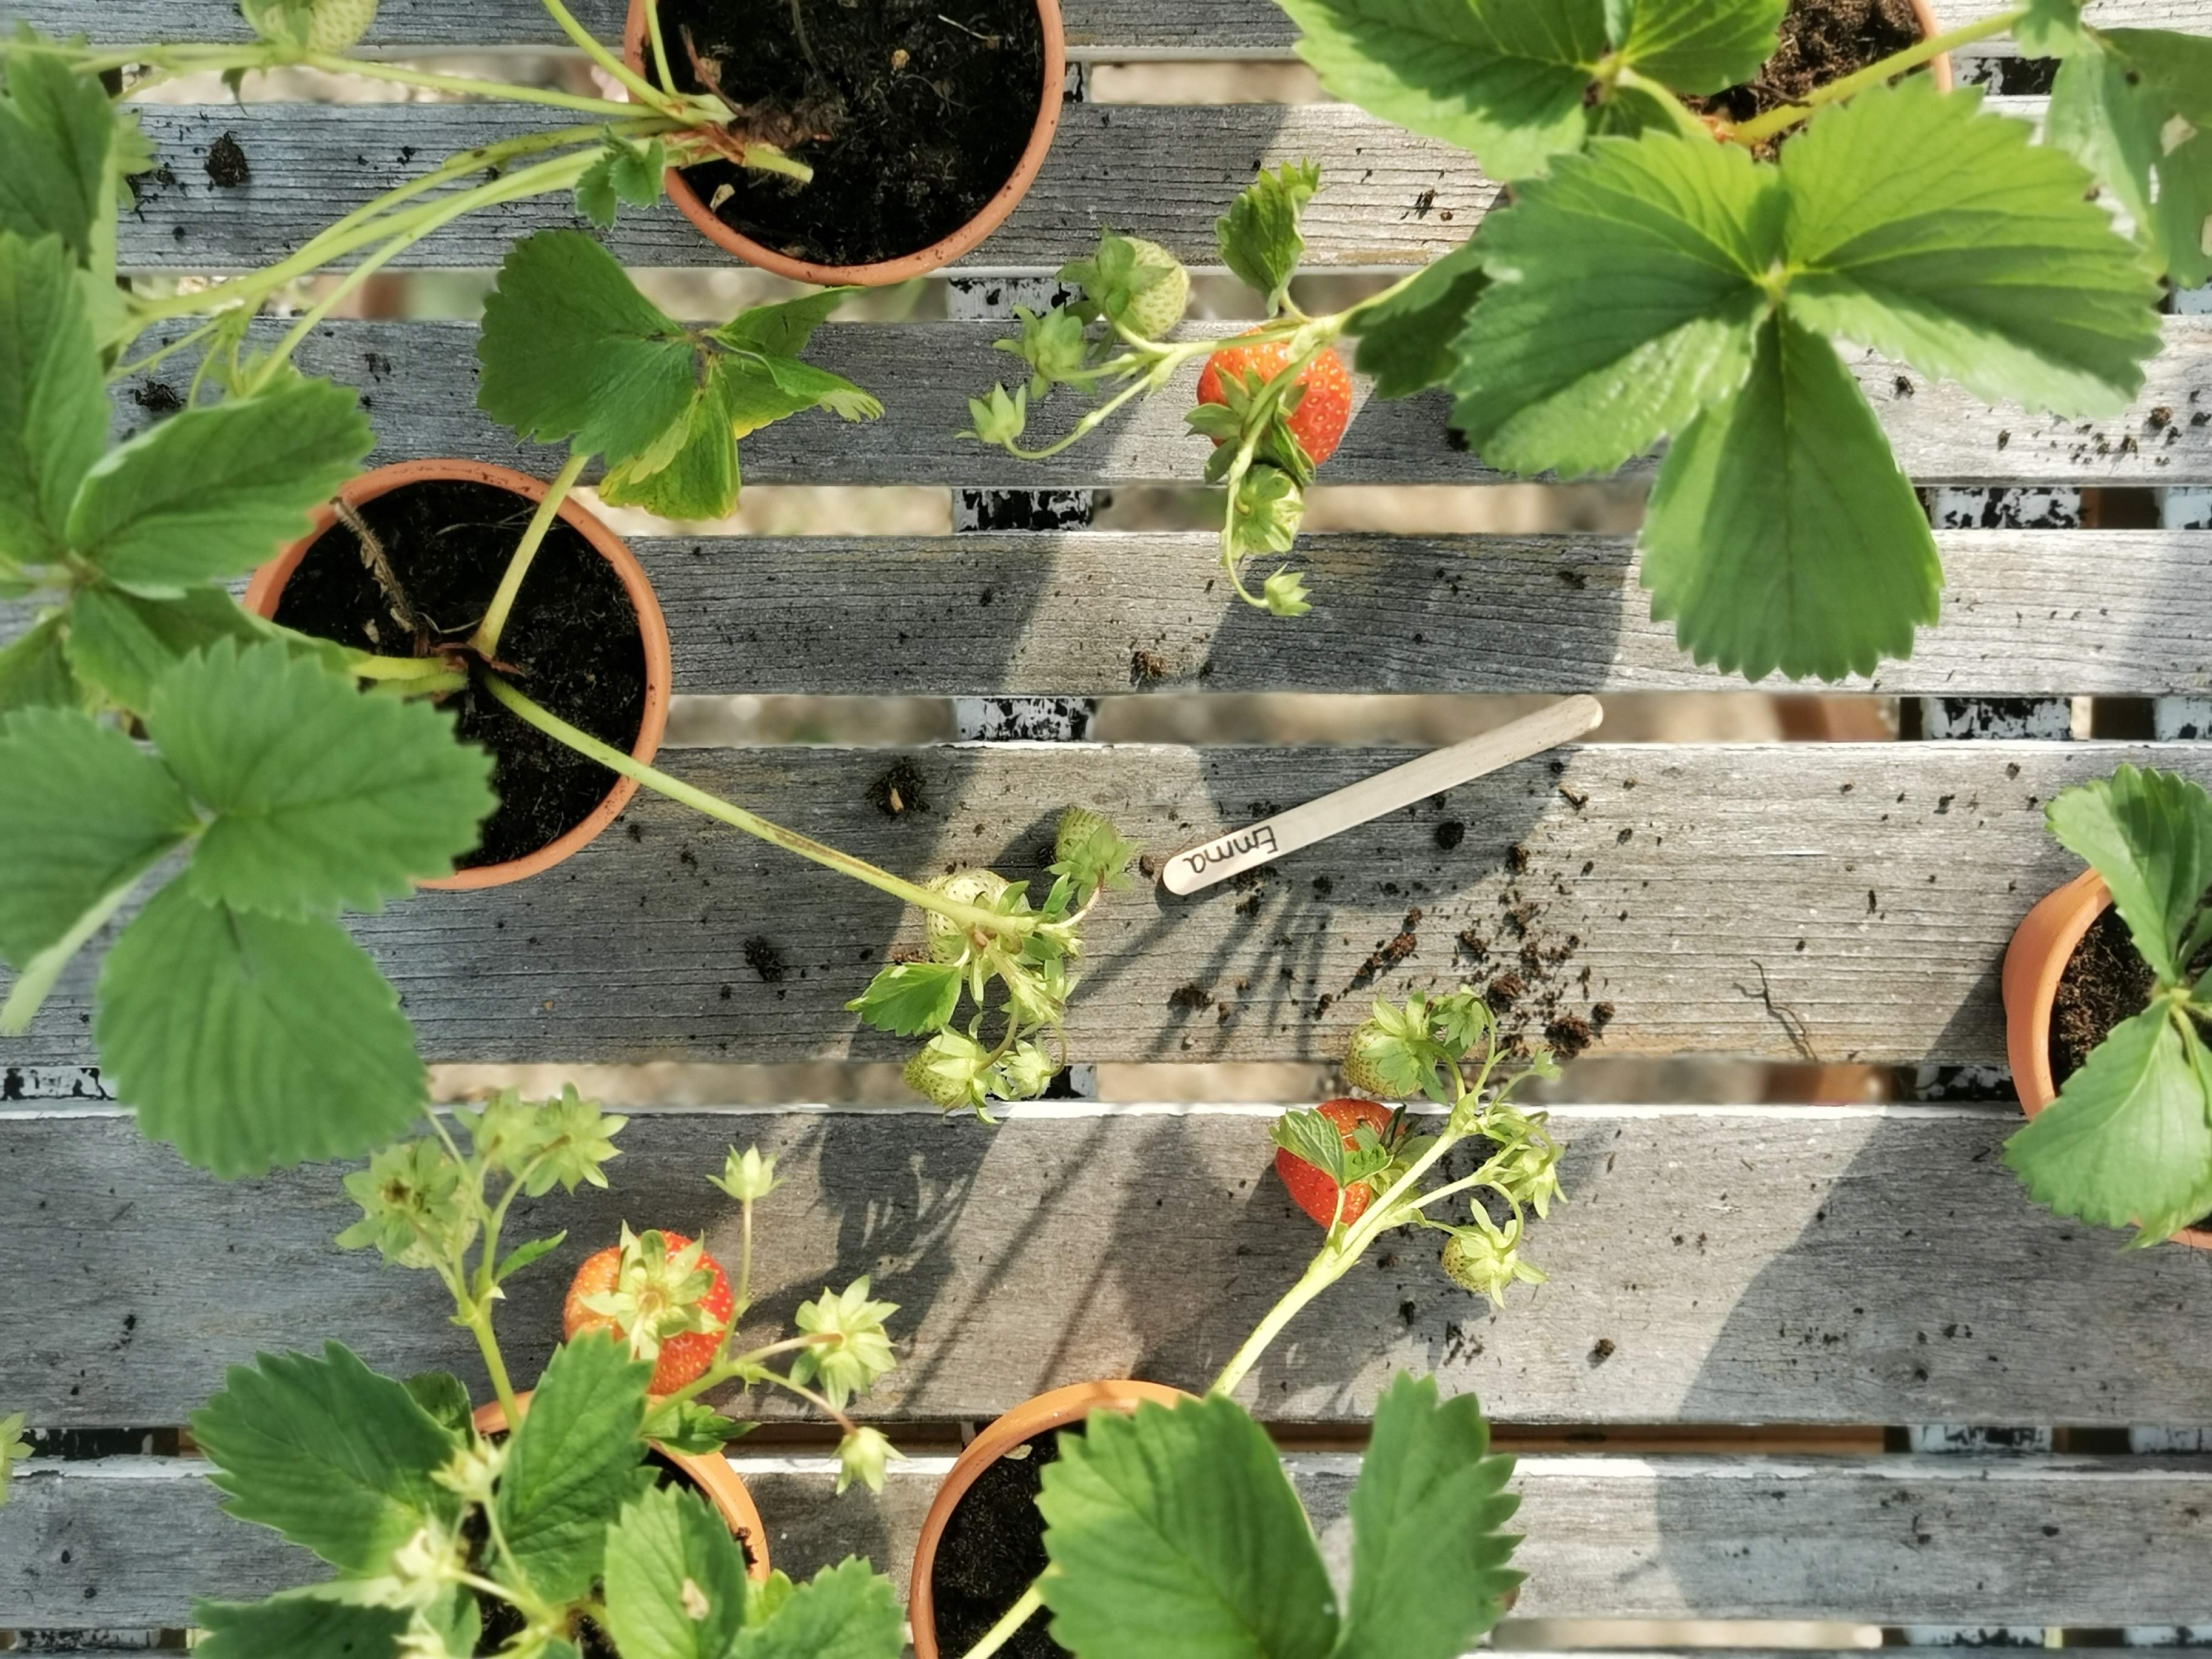 Nachhaltig schenken: Erdbeerpflanzen als Mitbringsel & Mitgebsel | mammilade.com